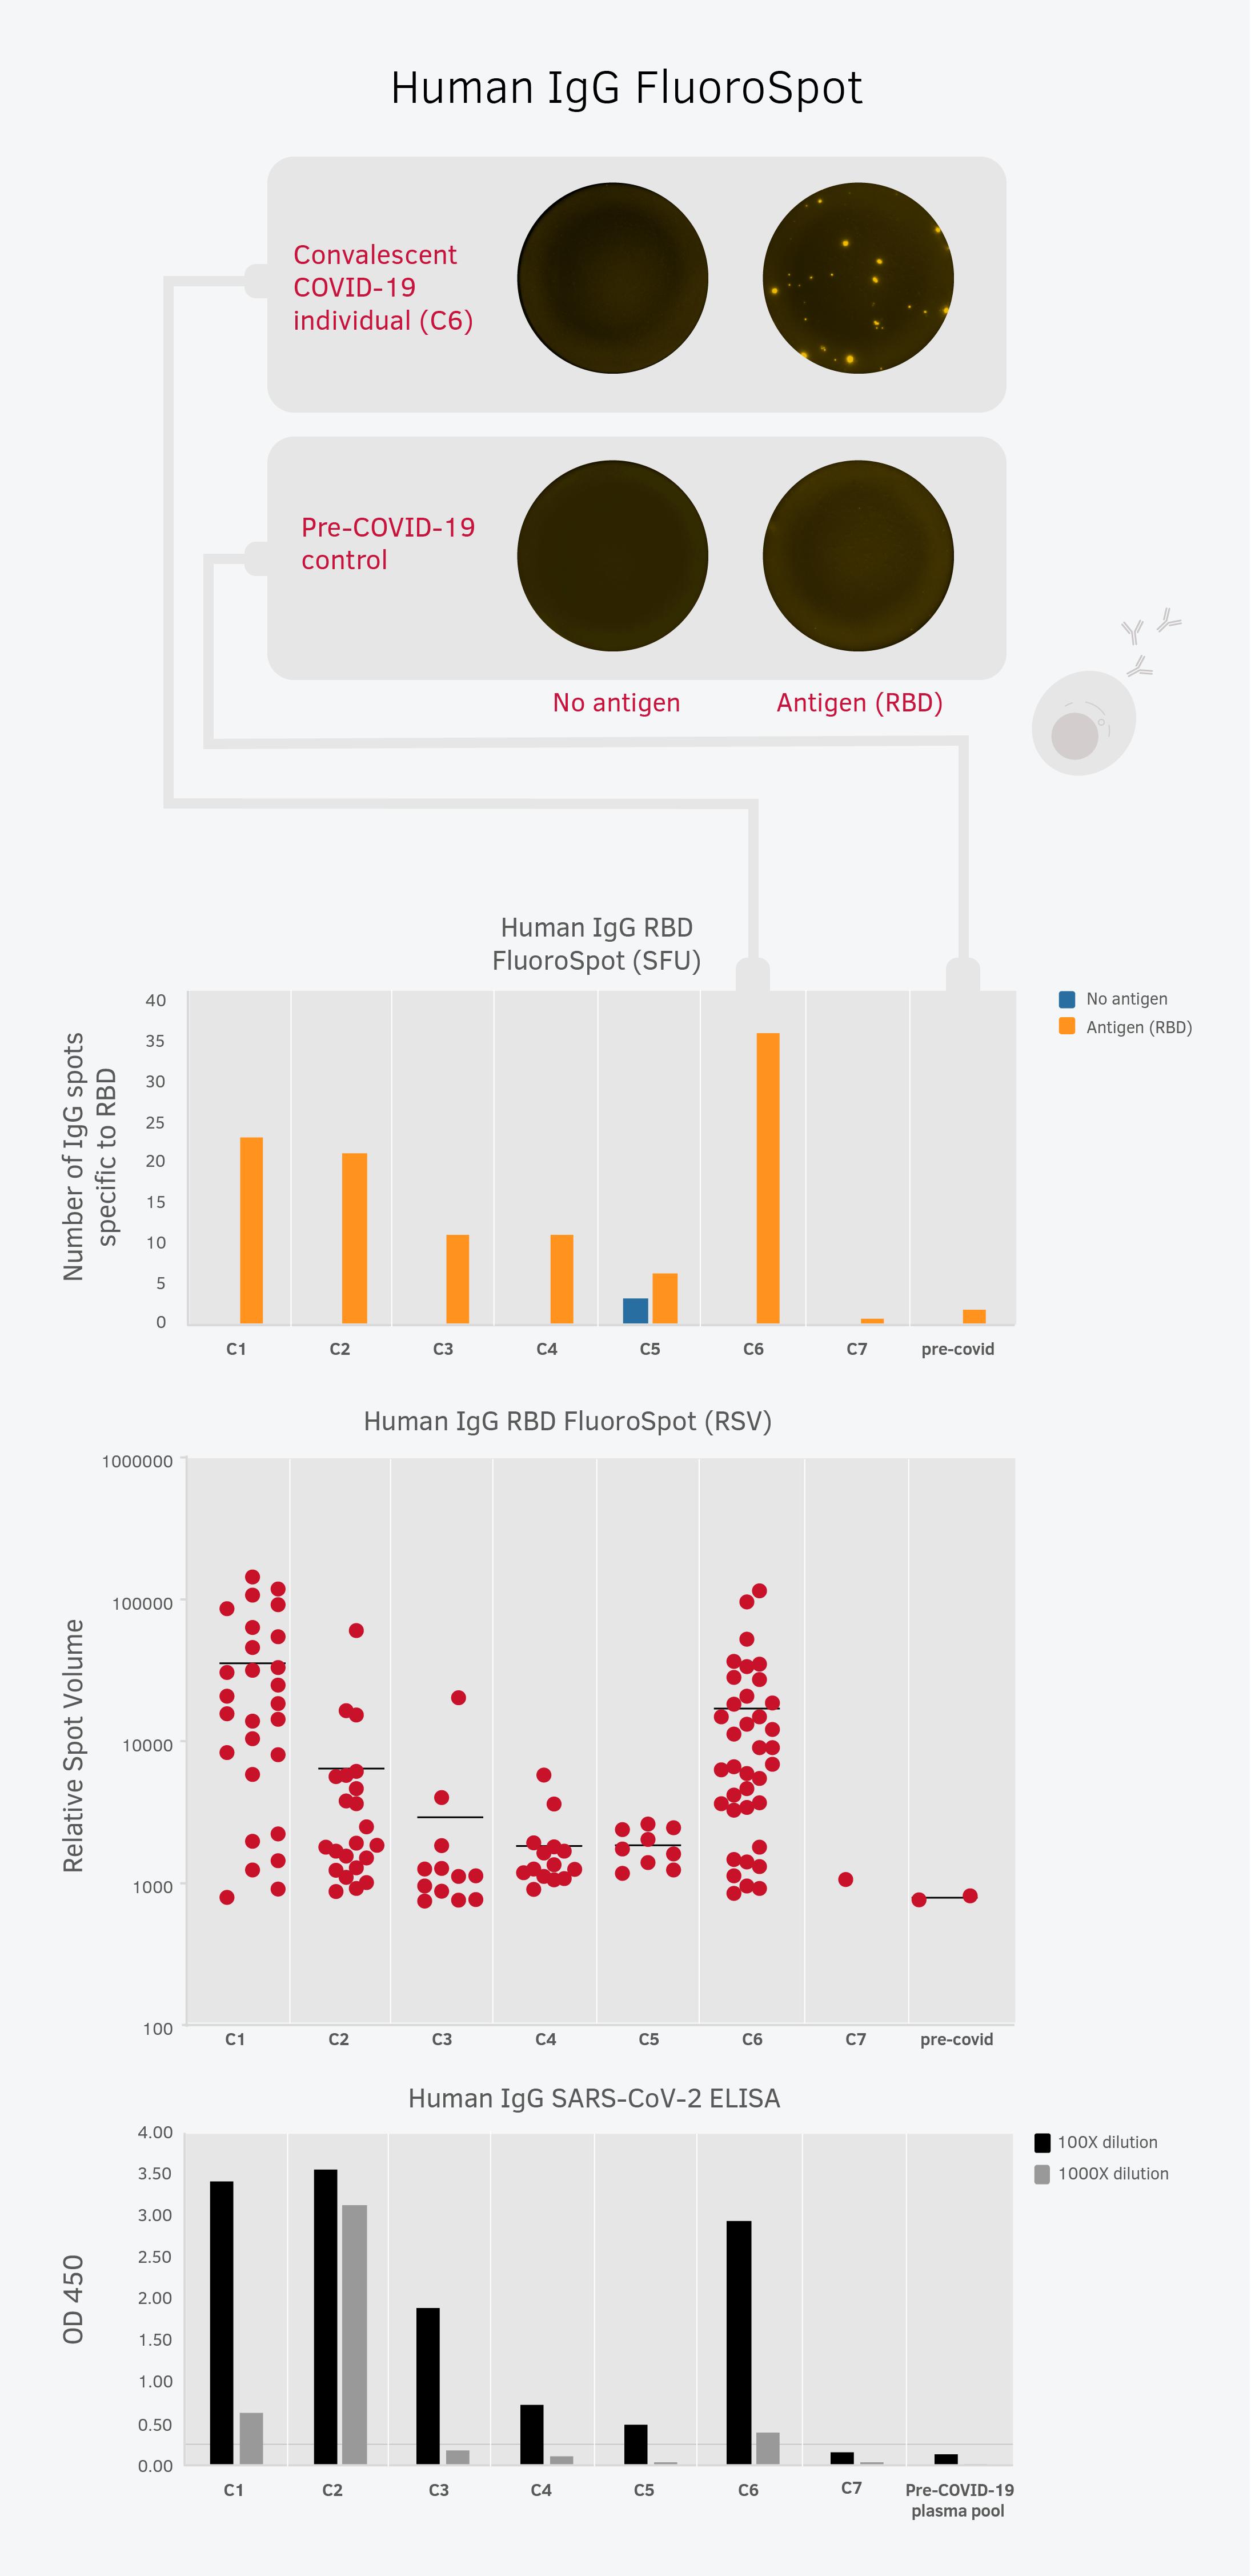 RBD特異的なB細胞の数と抗体力価との相関性